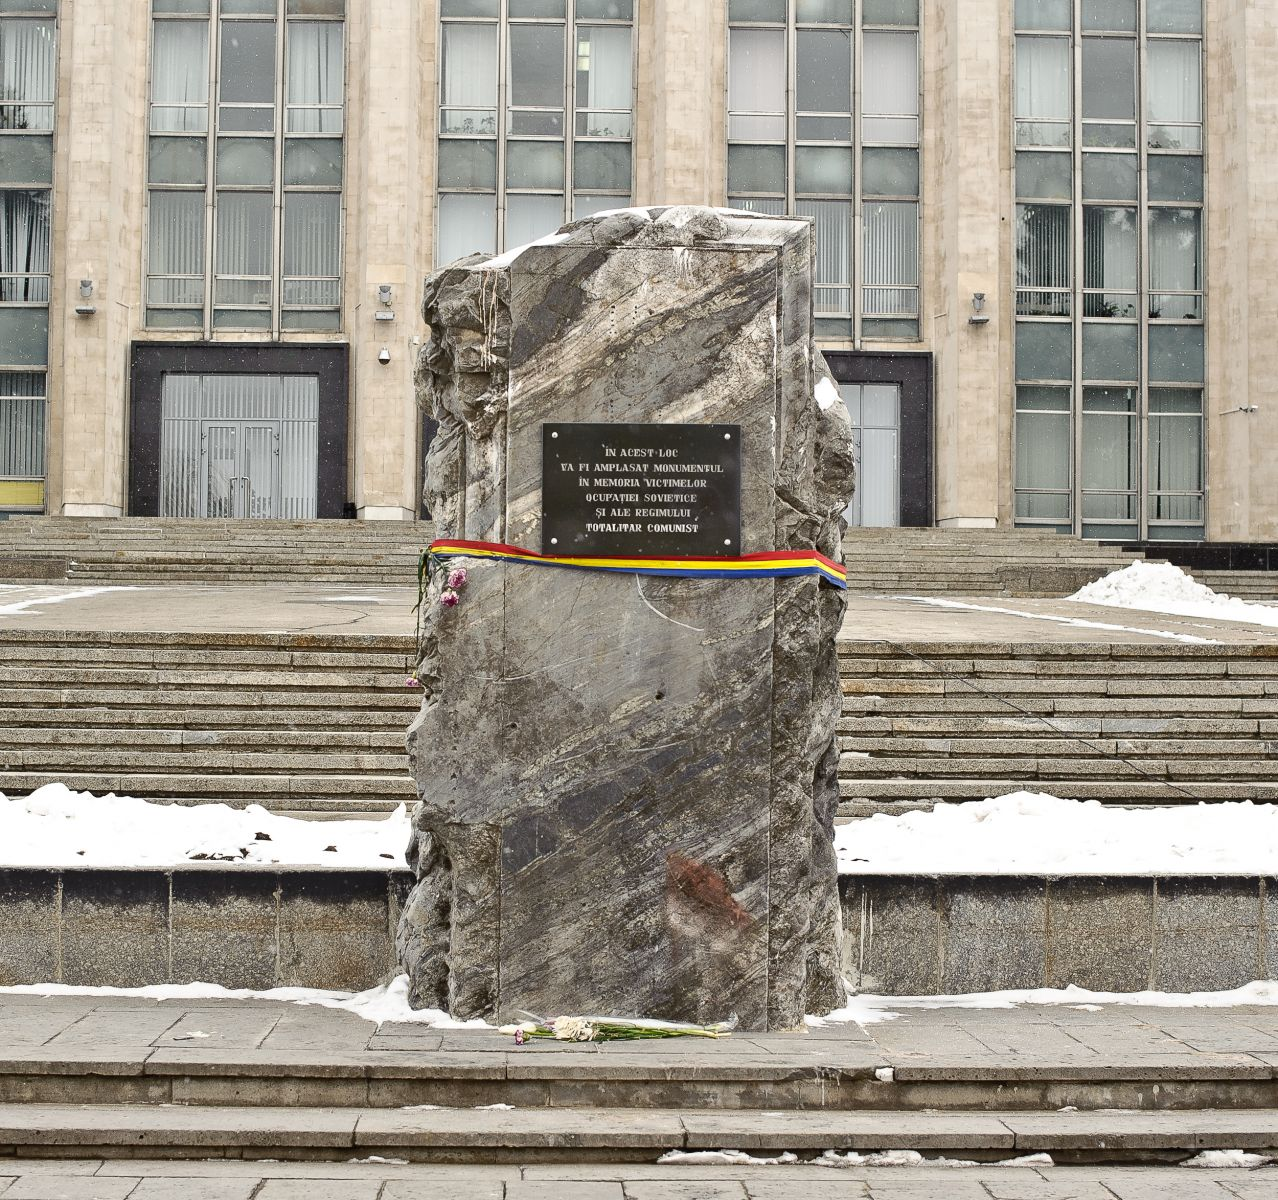 Formuzal împotriva pietrei comemorative din PMAN